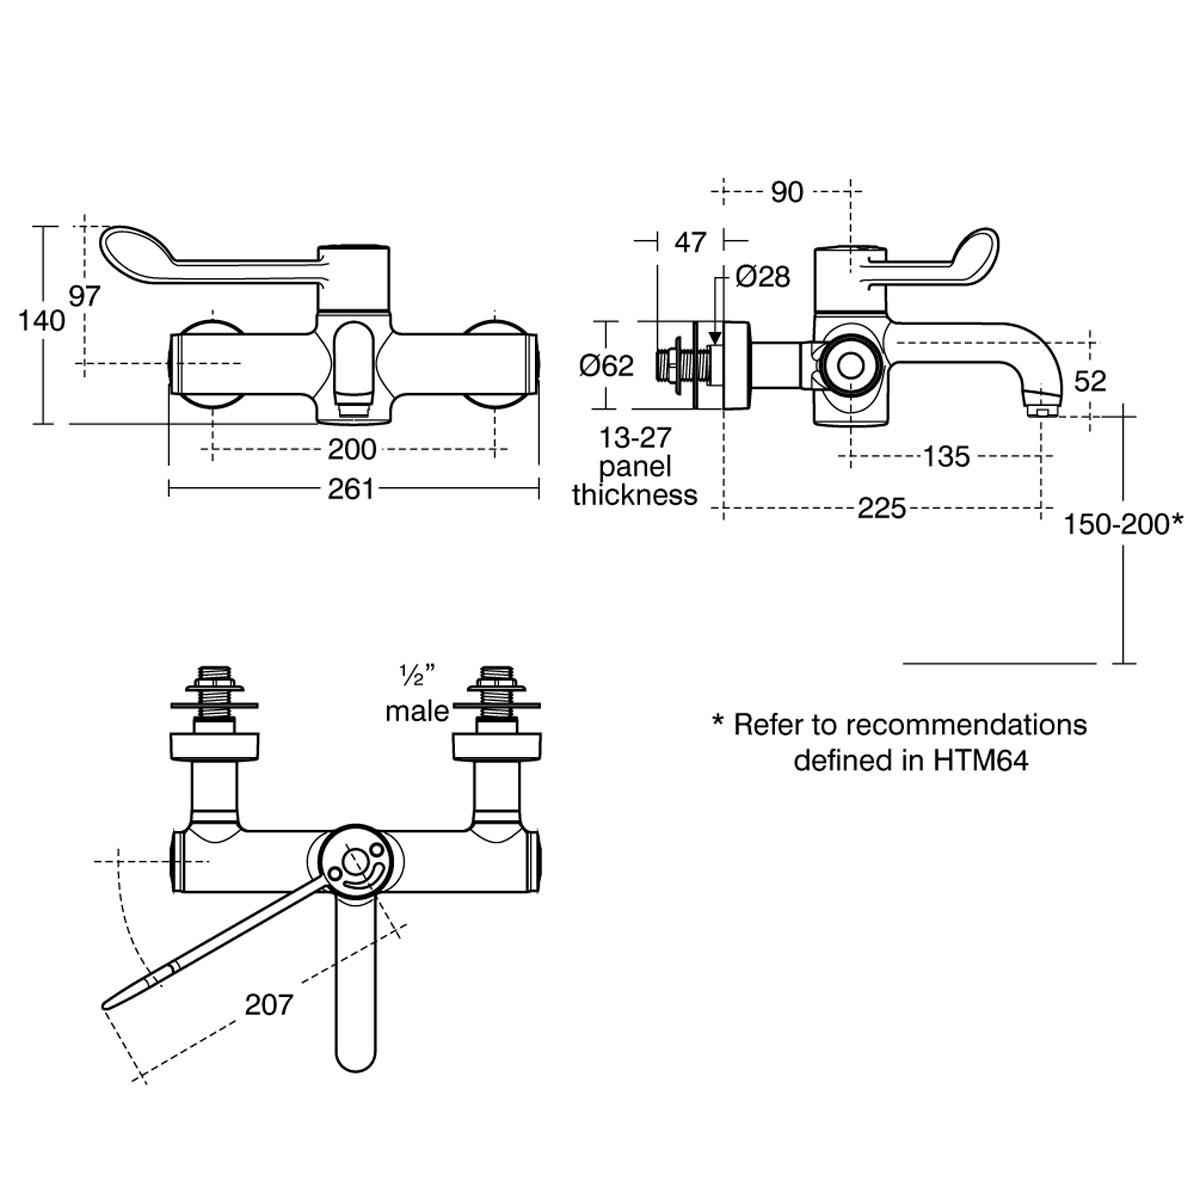 Kitchen Faucet To Garden Hose Adapter Hbn 00 10 Htm64 Lb H M L Contour 21 Washbasin Lever